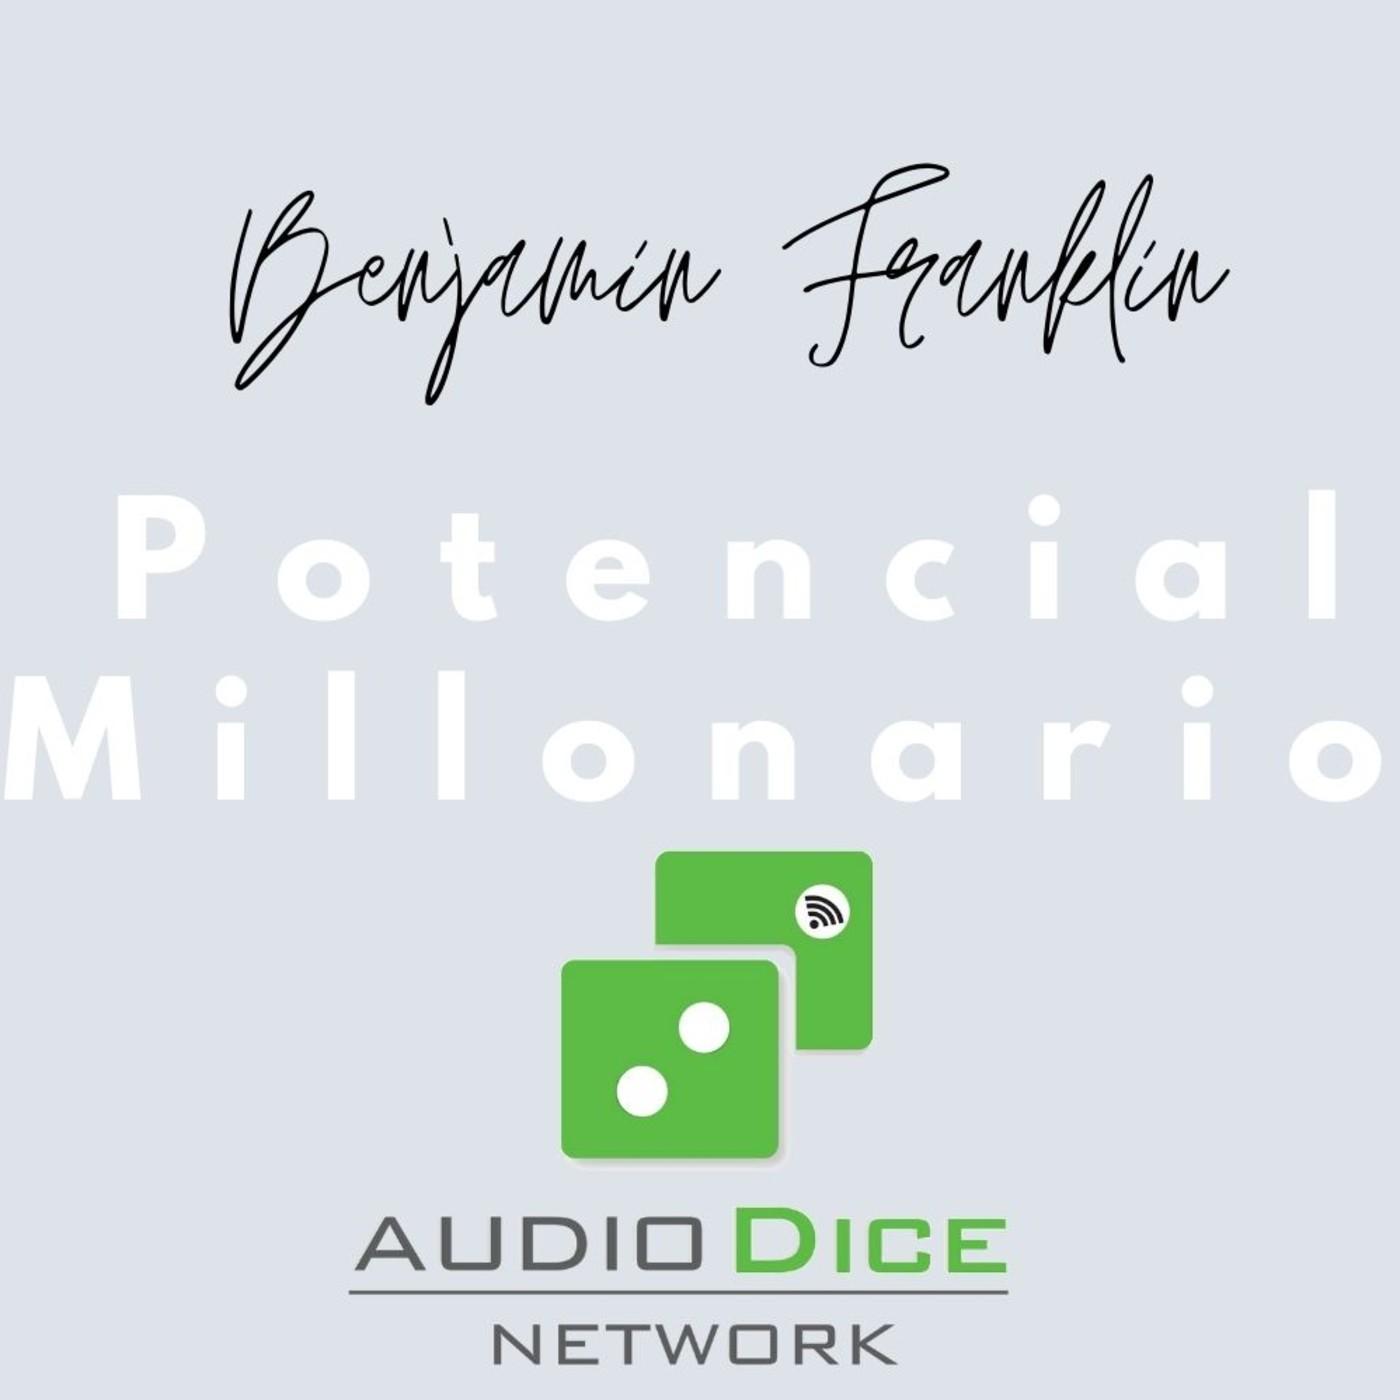 Benjamin Franklin Finanzas Personales Potencial Millonario con Felix A. Montelara